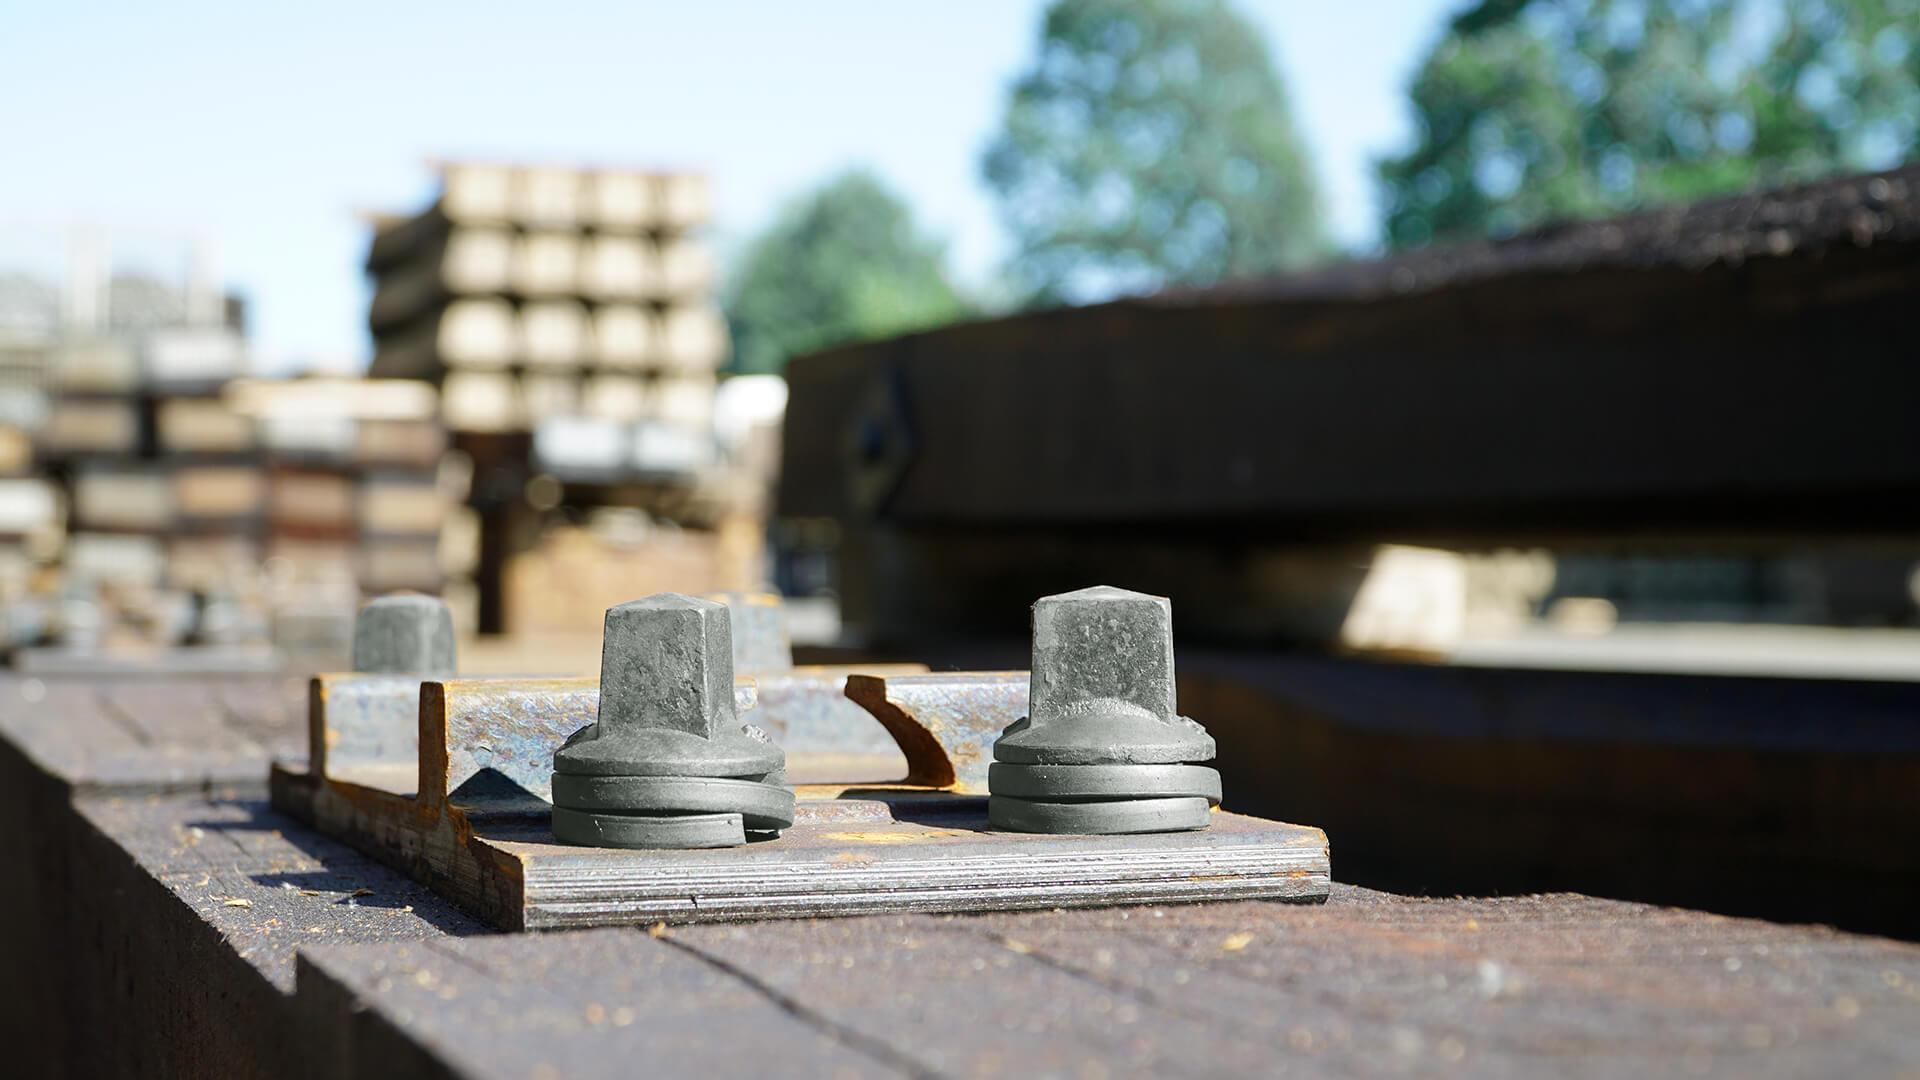 Schienenbefestigungsmittel für den Gleisbau